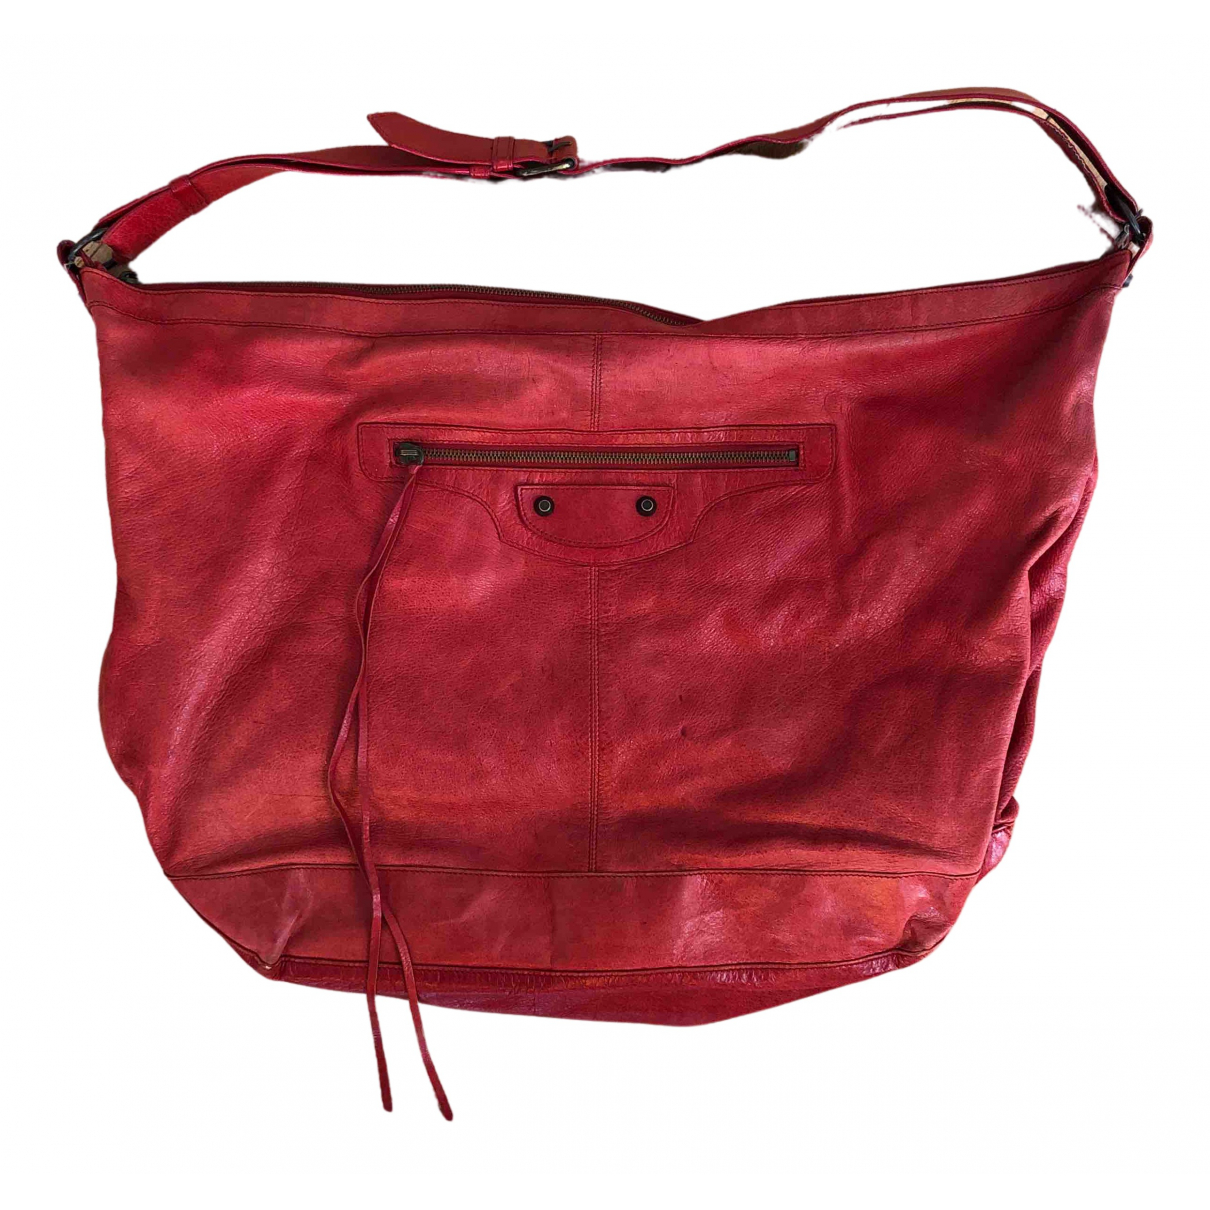 Balenciaga - Sac a main Courier XL pour femme en cuir - rouge